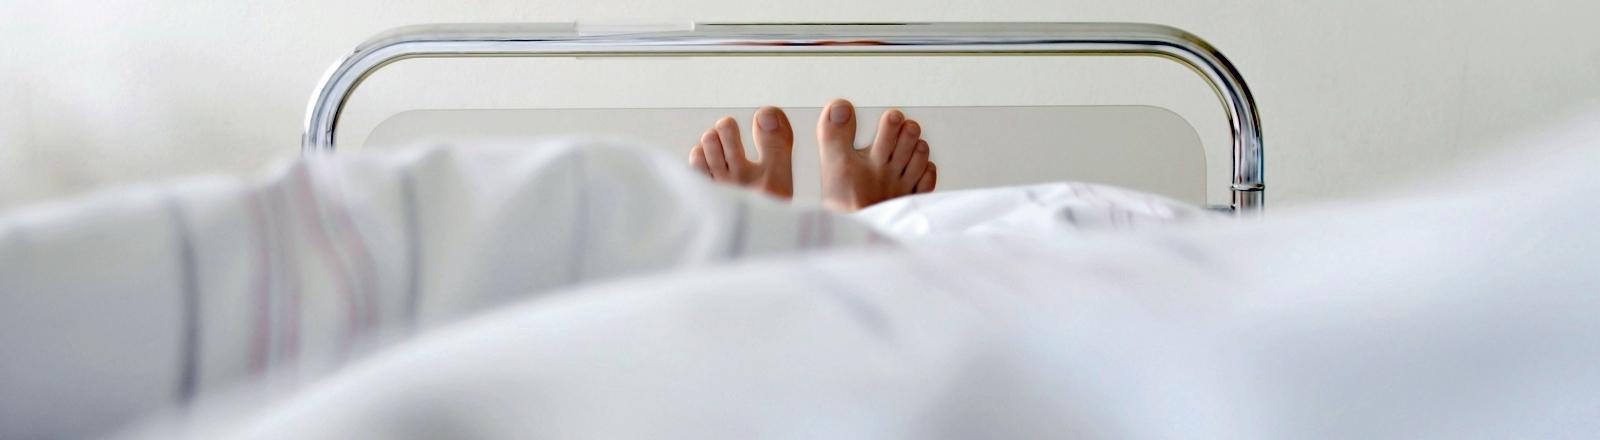 Unter der Decke eines Krankenhausbettes schauen zwei Füße hervor.